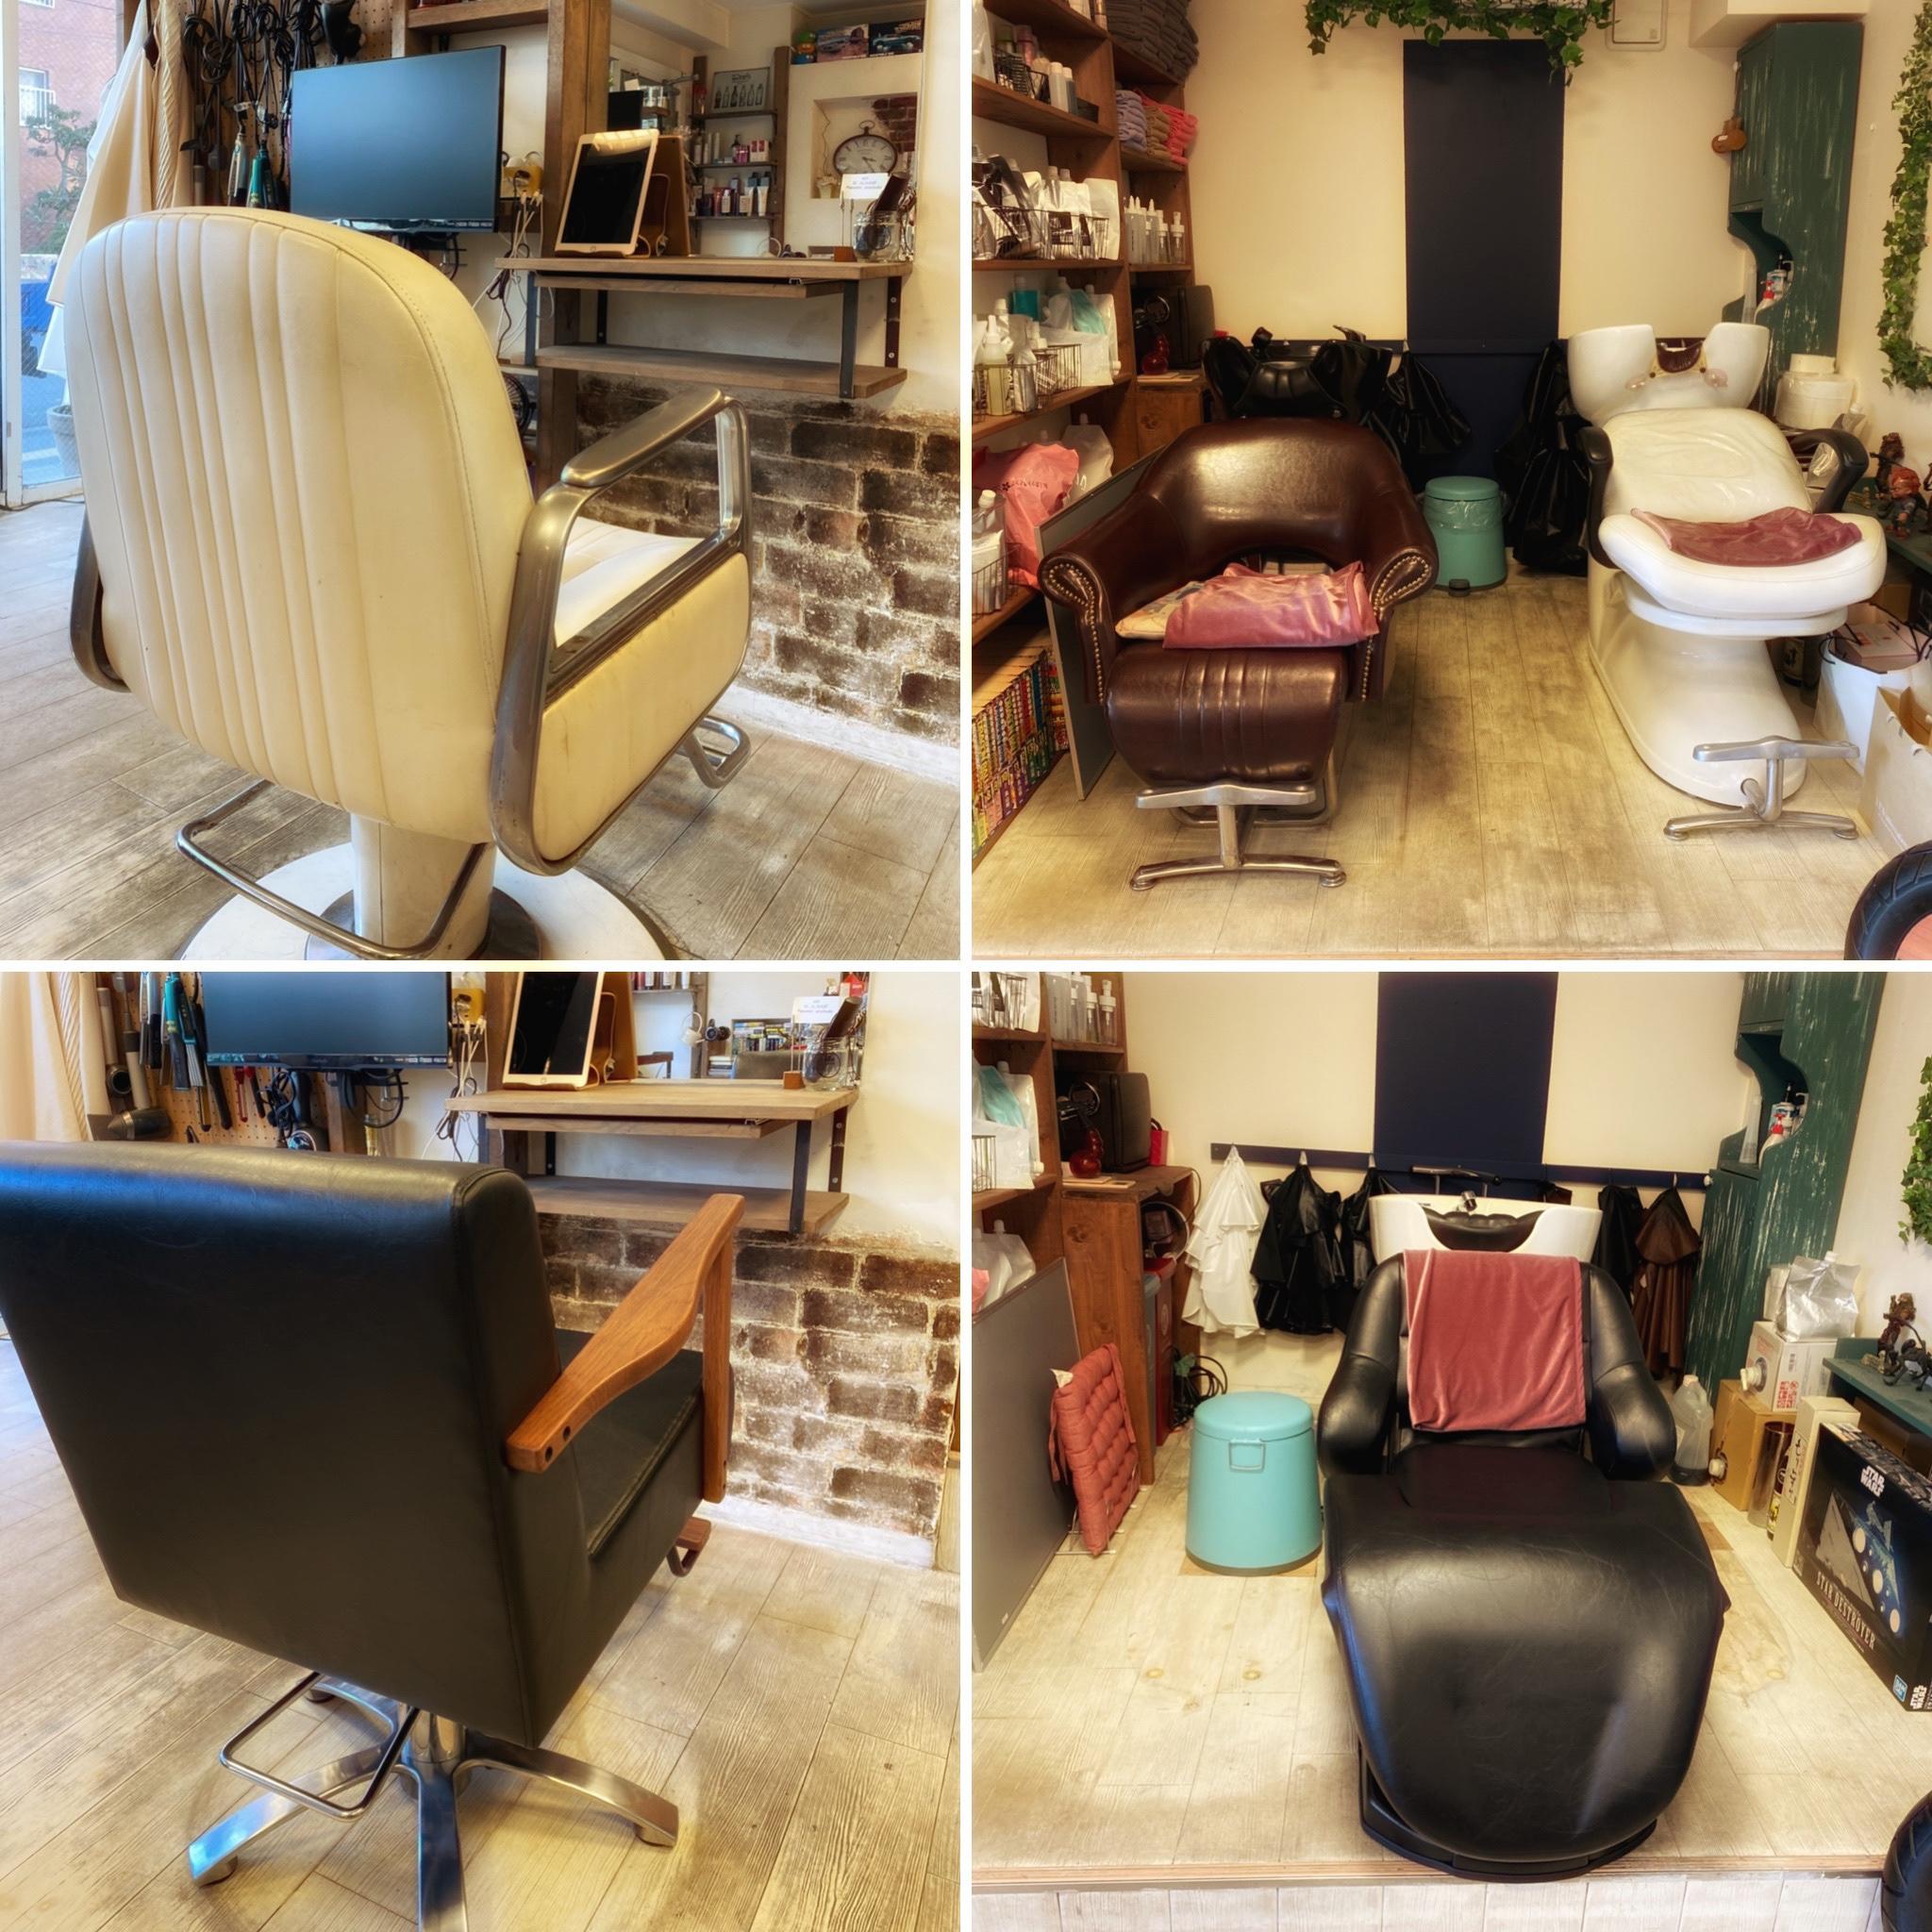 シャンプー台とセット椅子